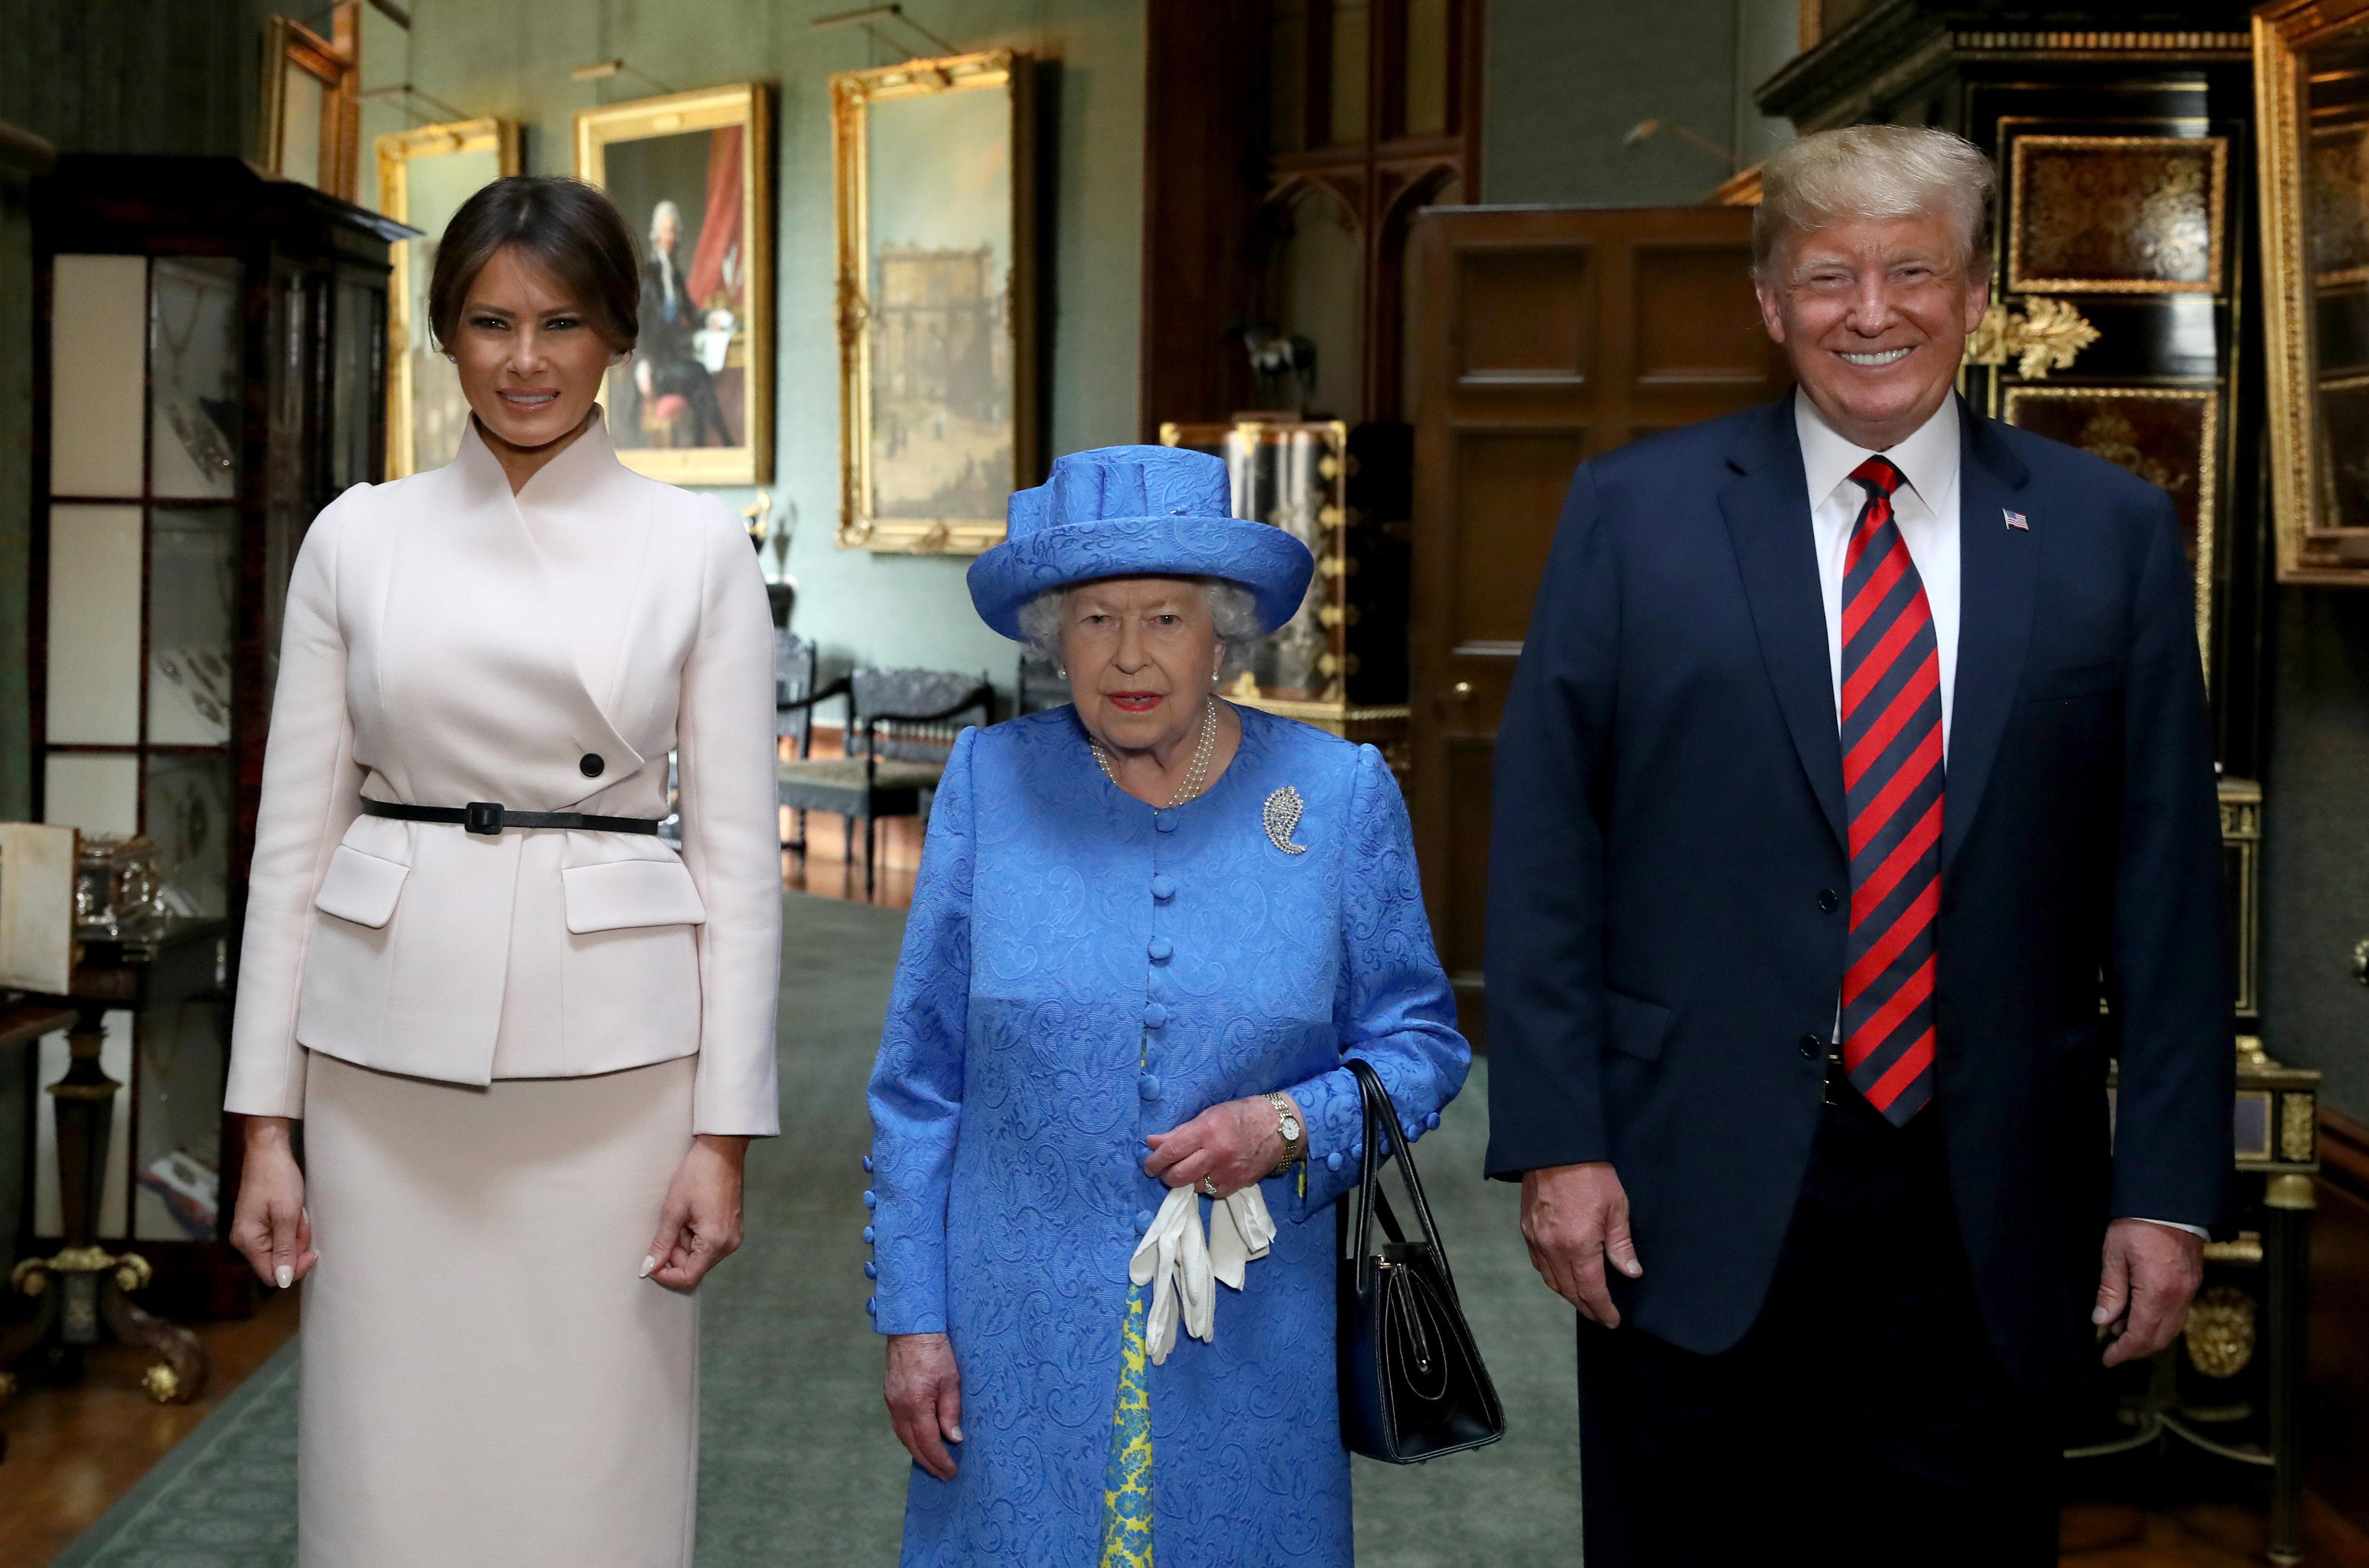 Trump bei den Royals: Die 4 bemerkenswertesten Momente eines irren Tages